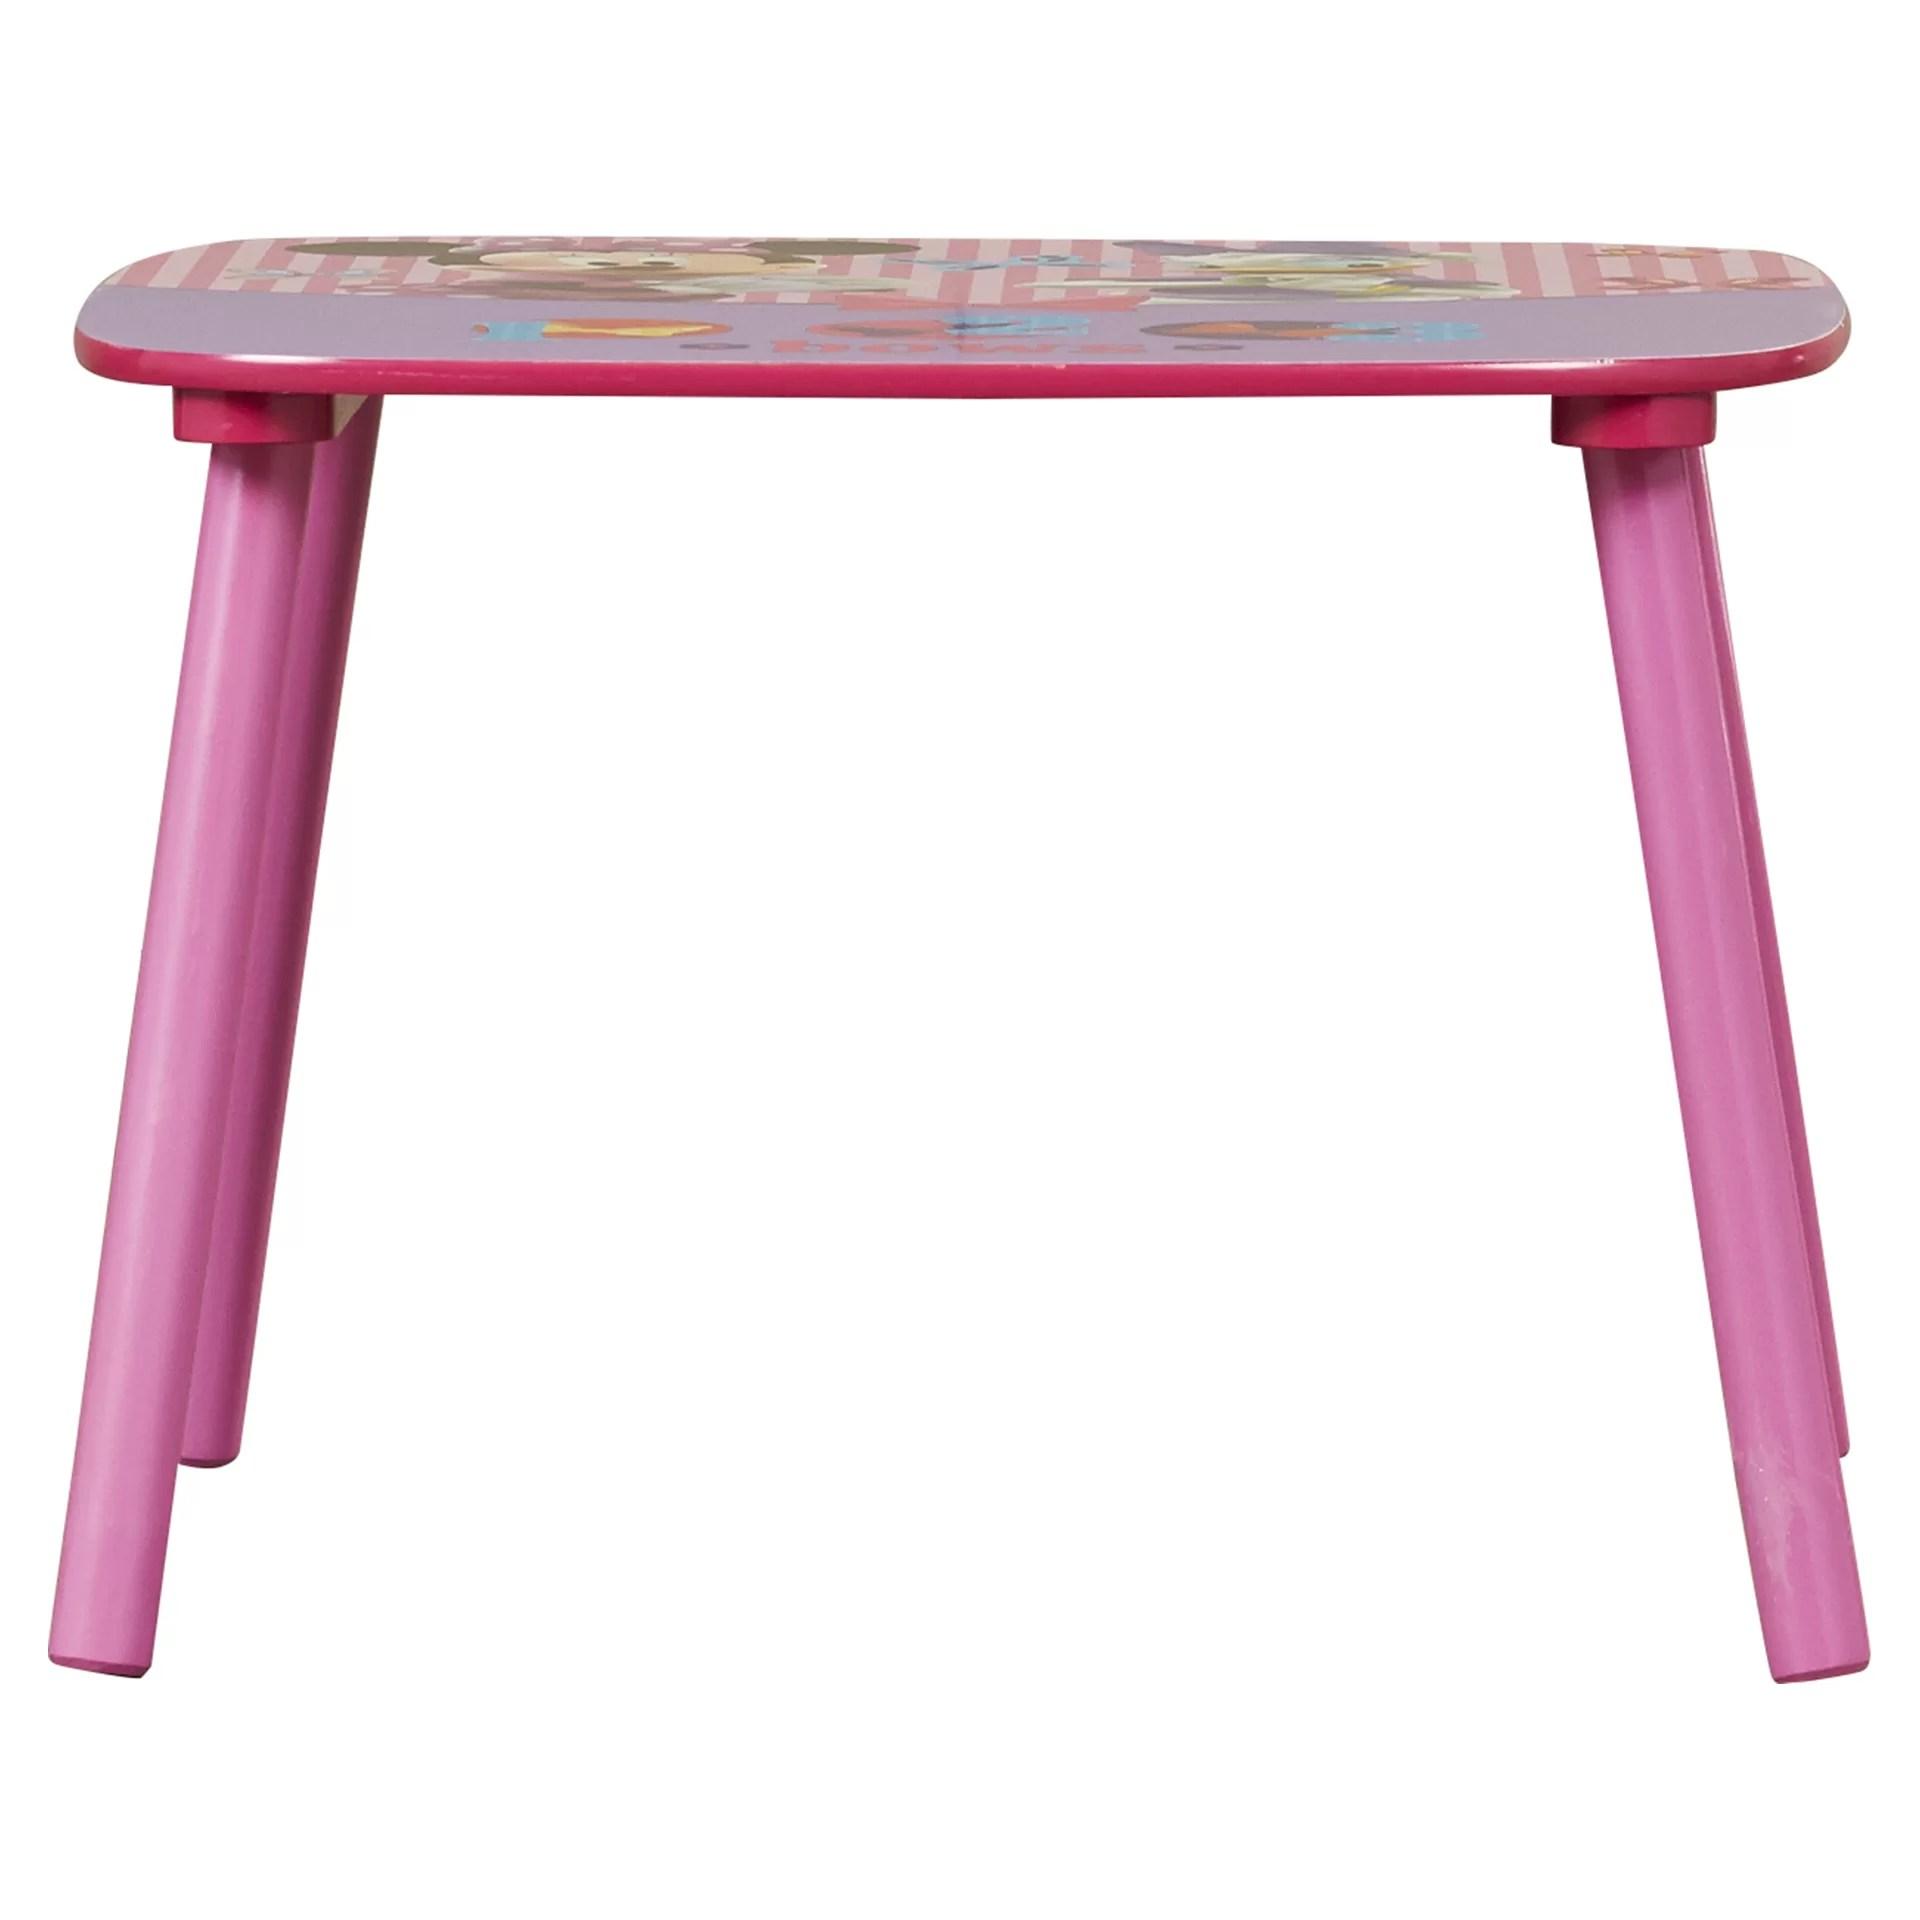 minnie table and chair set caravan zero gravity lounge delta children mouse kids 3 piece